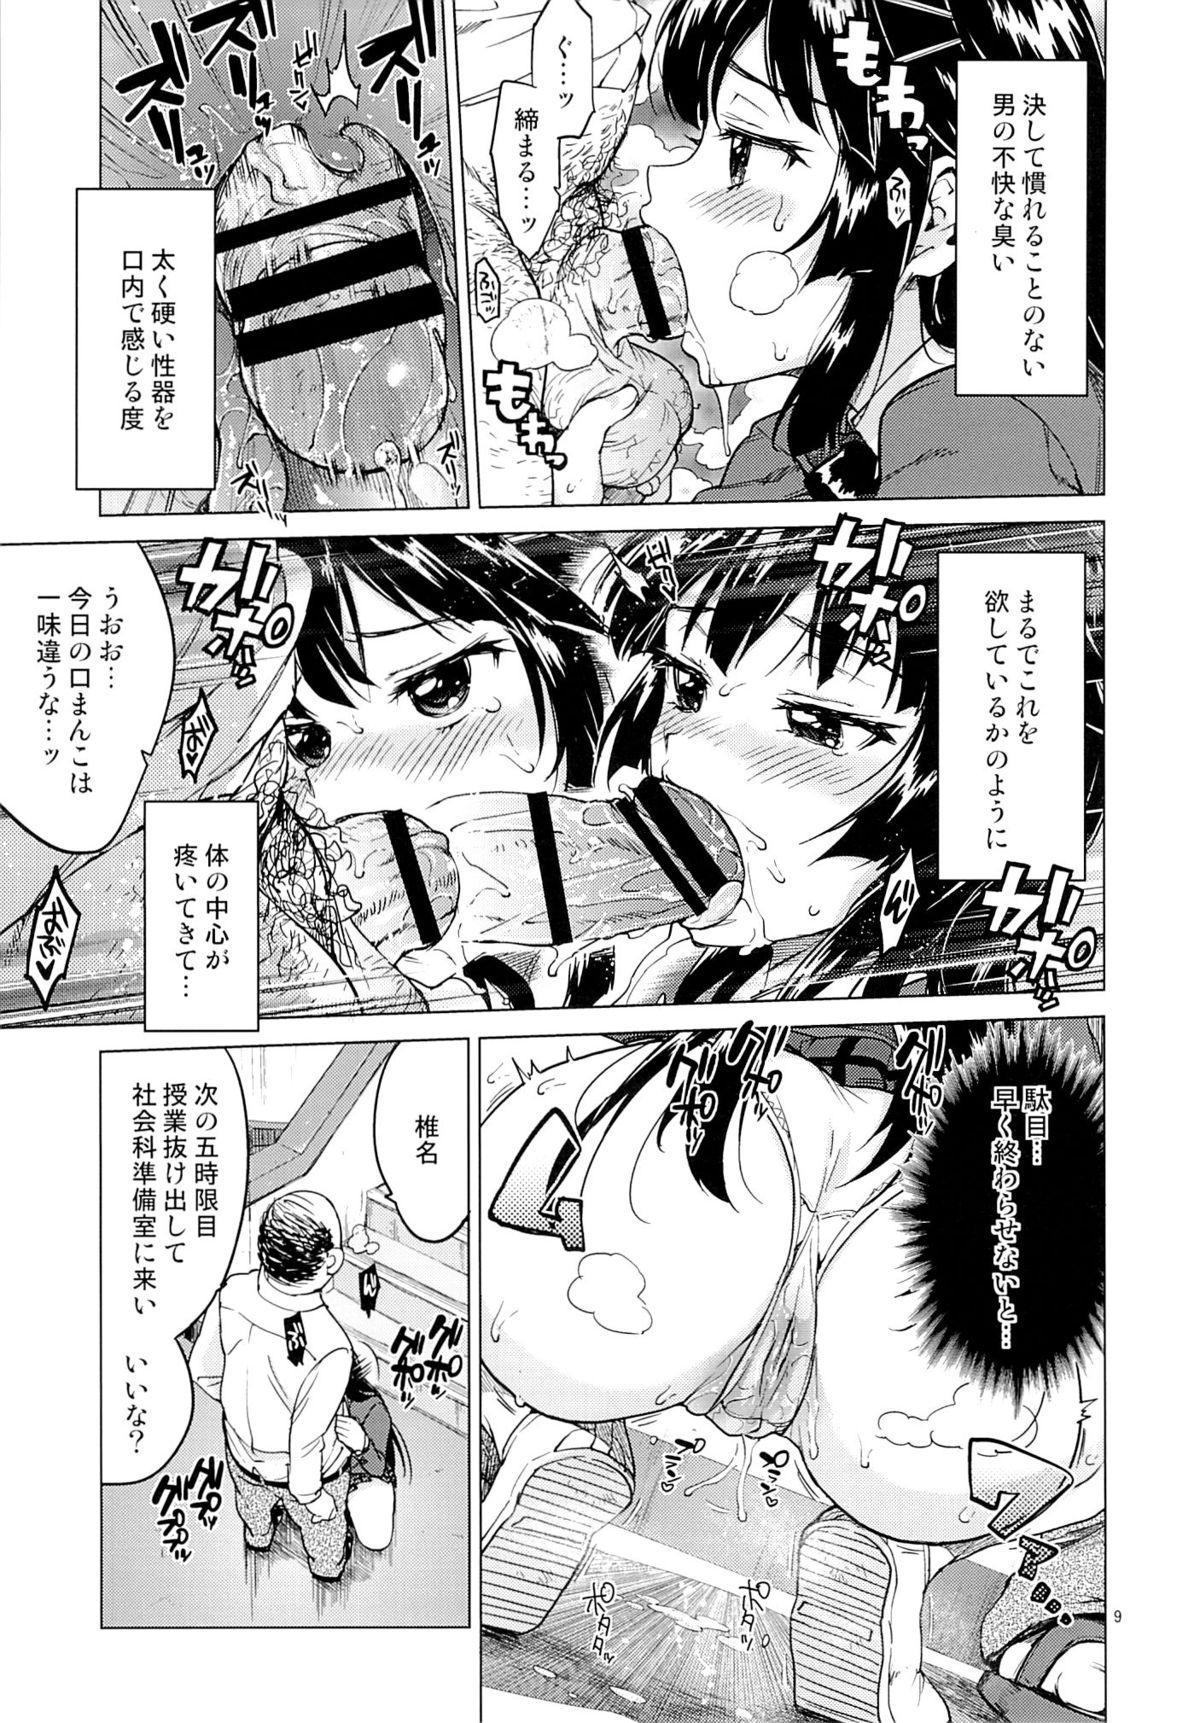 Chizuru-chan Kaihatsu Nikki 2 7